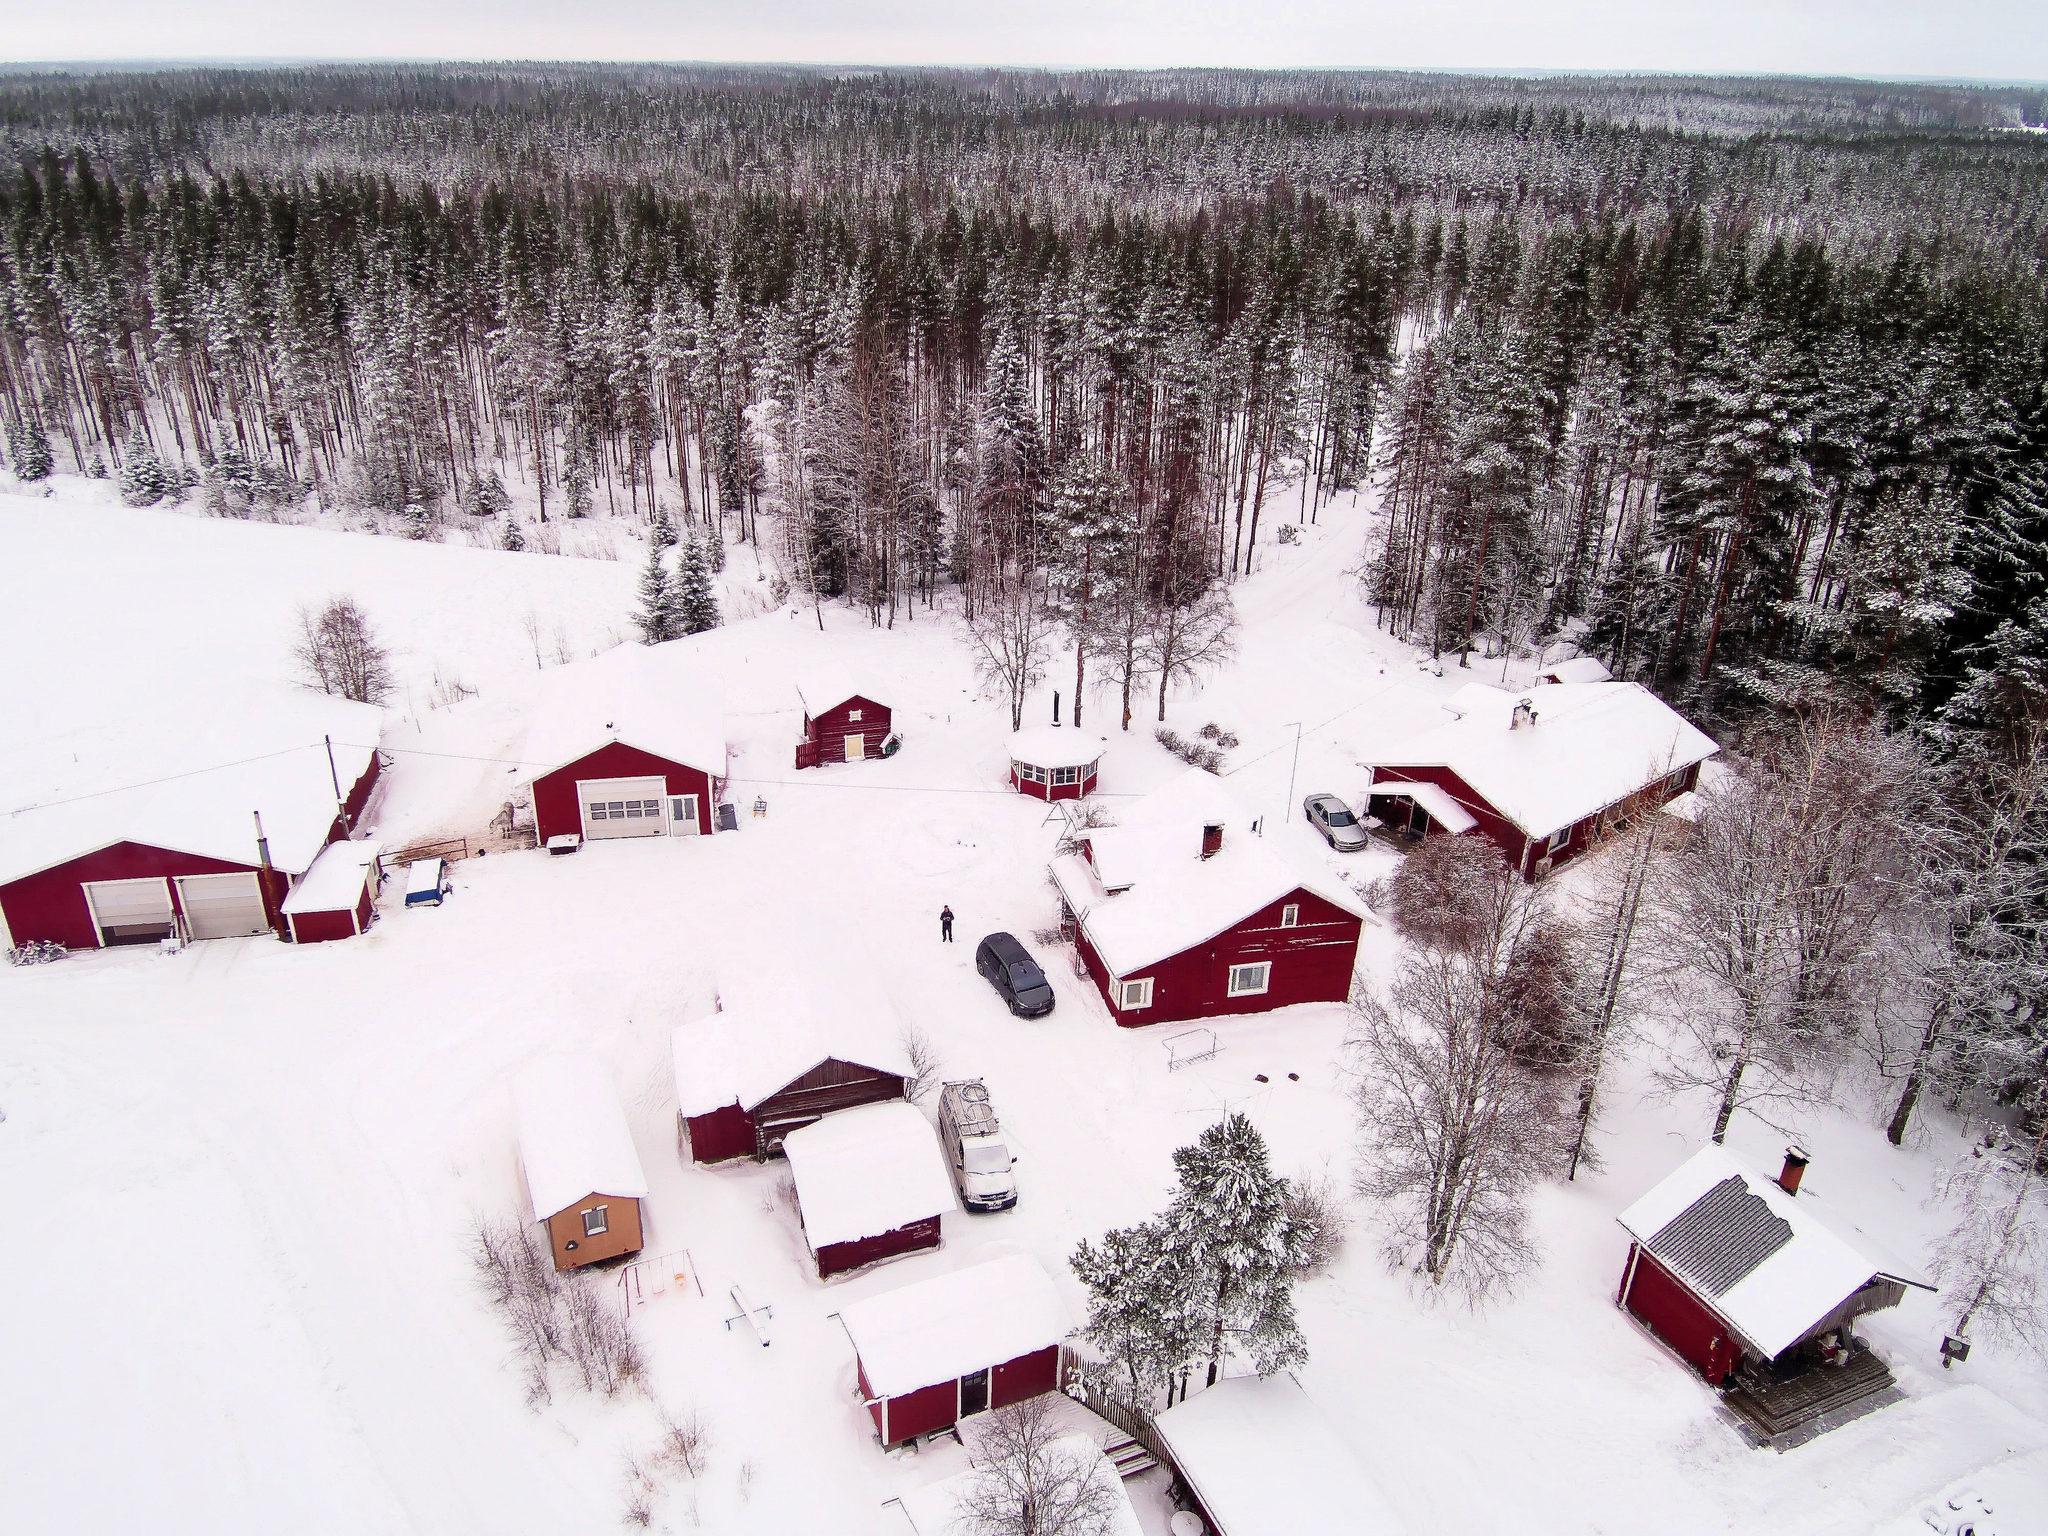 Vuokraa kaikki maatilan pihapiirin majoitustilat (18 hlöä)